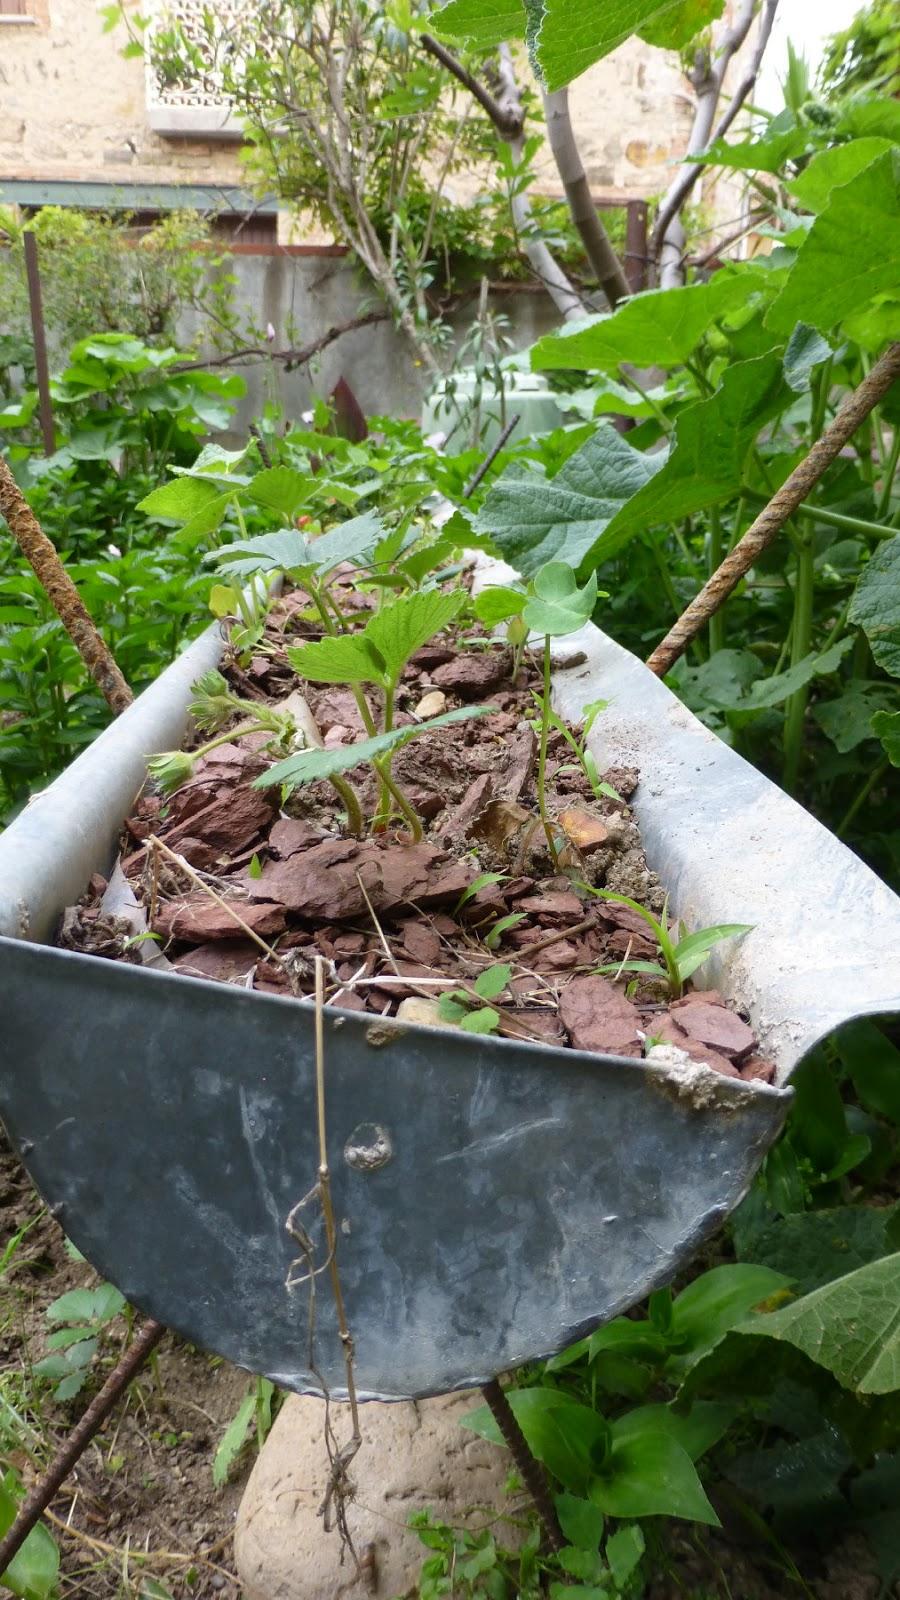 Les balades de Lison: Mon jardin, ce matin...